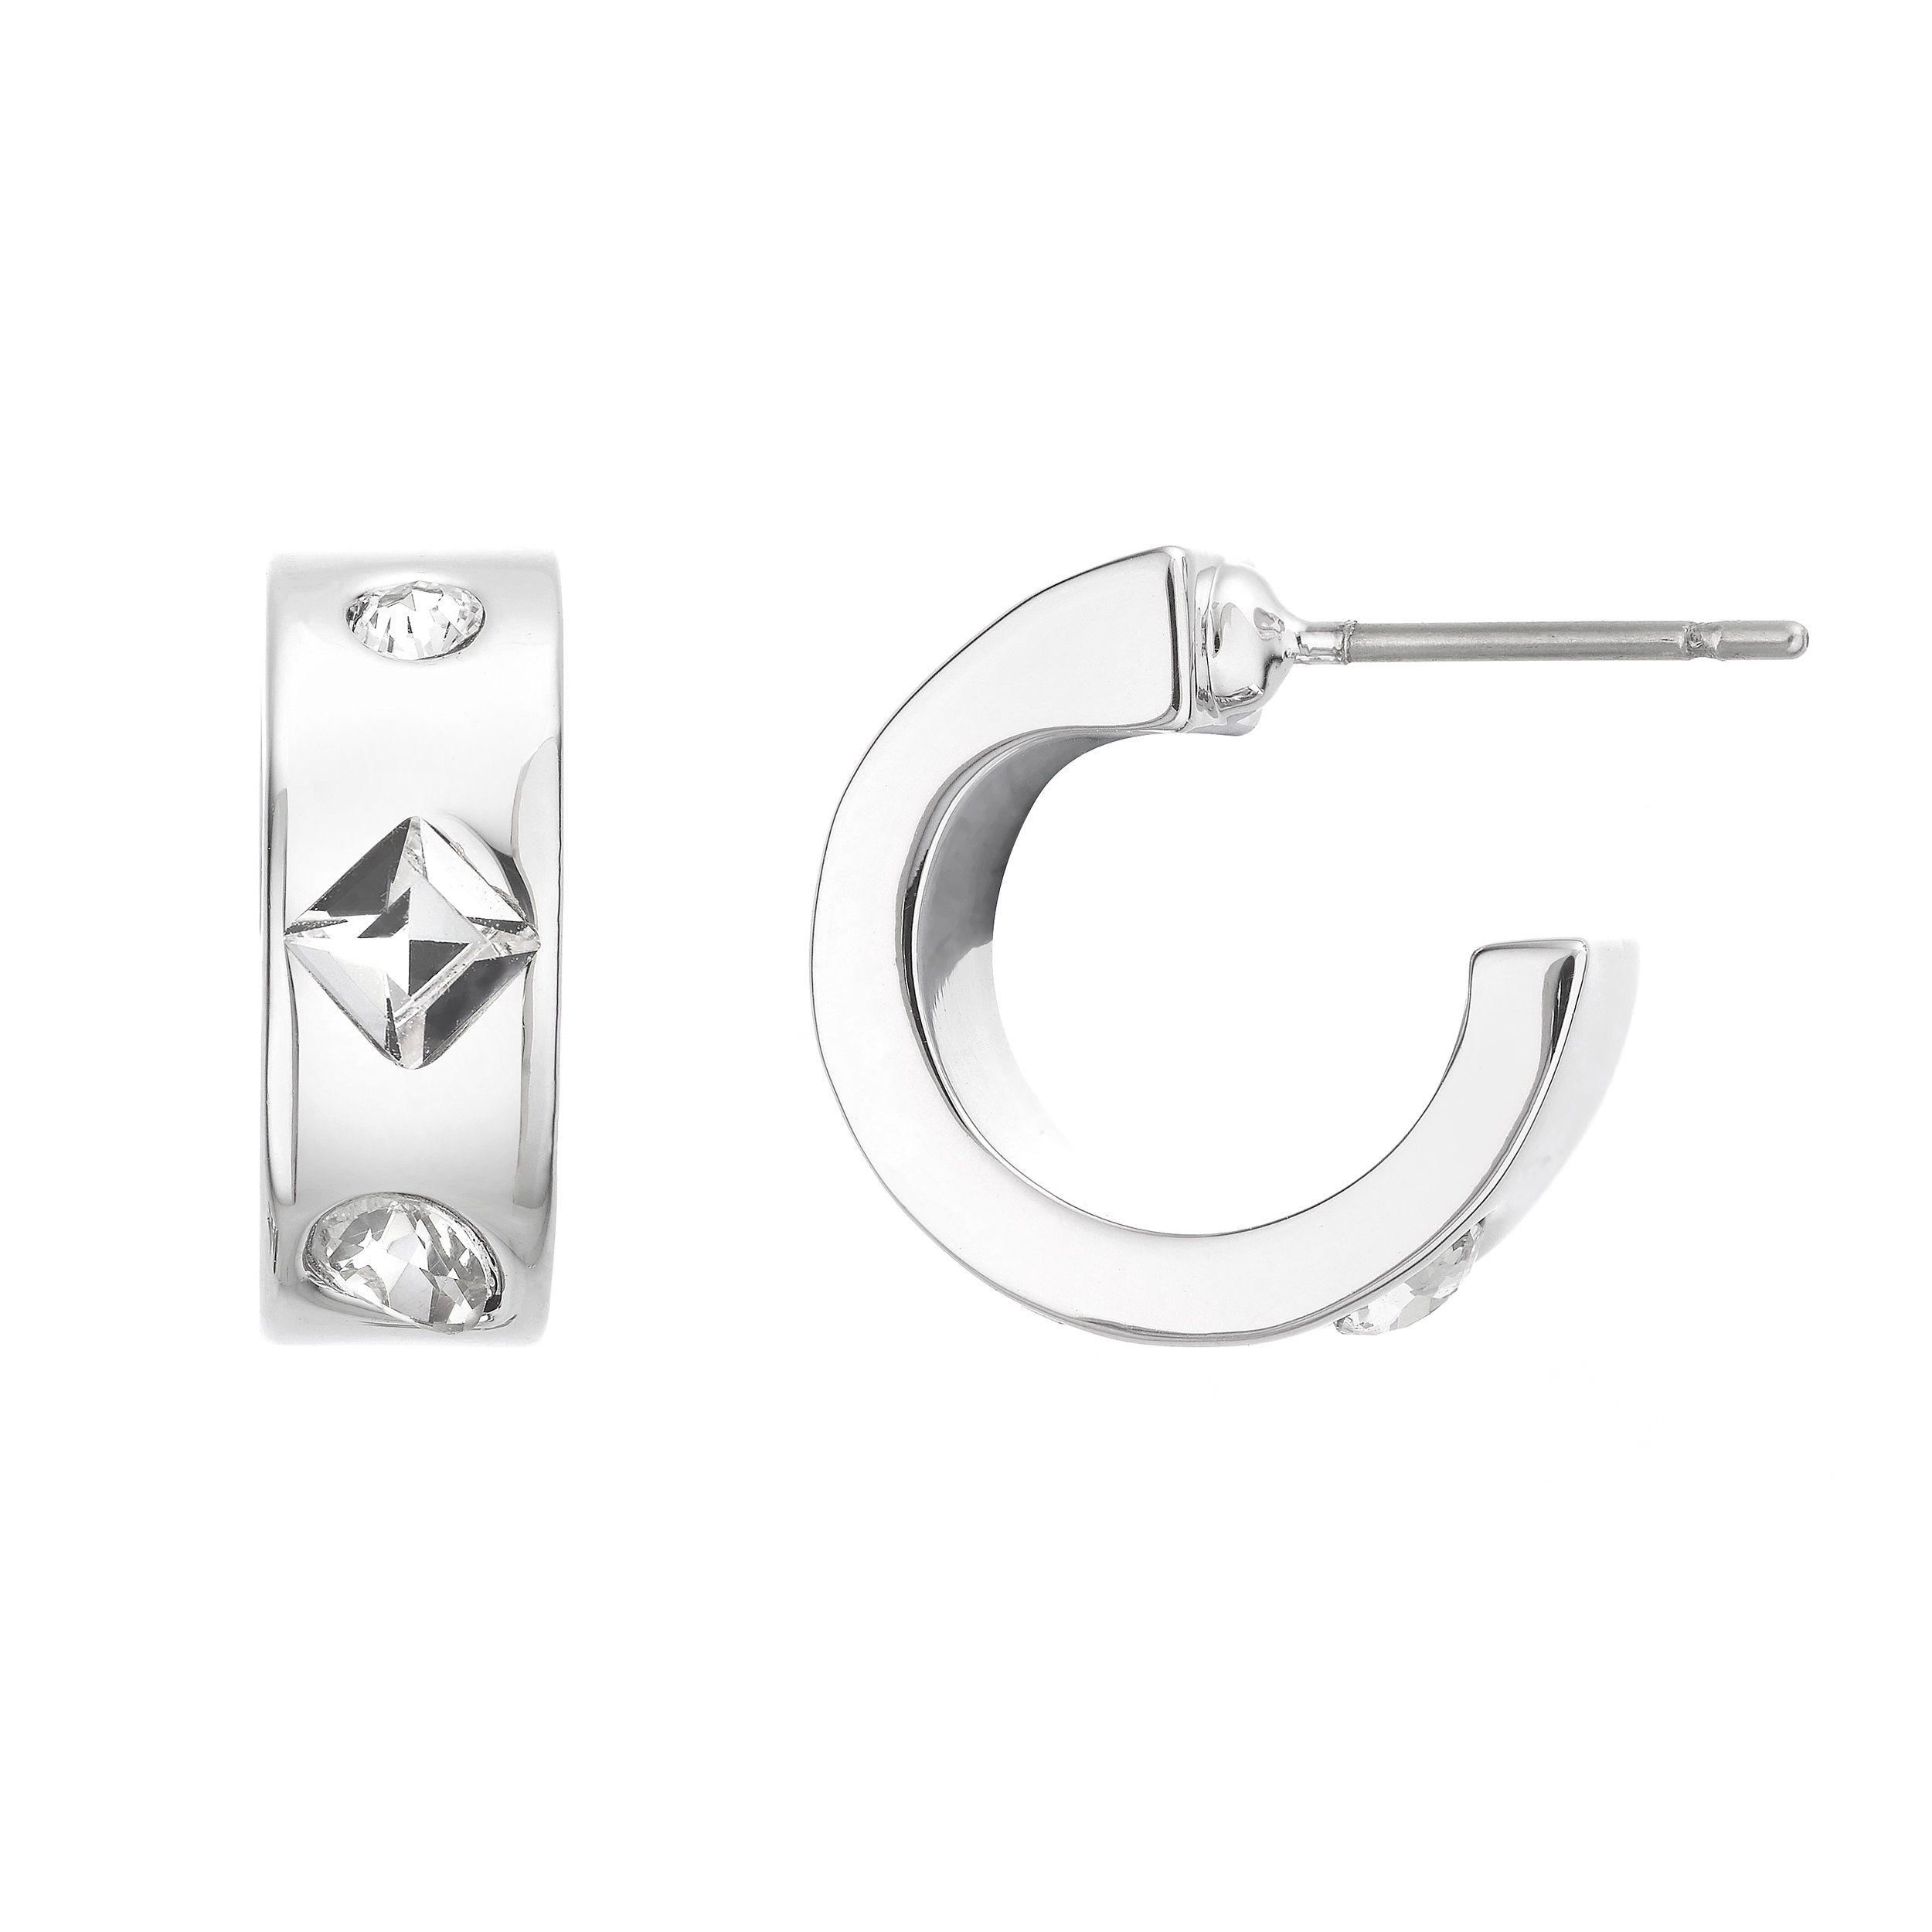 Buckley London Knightley Half Hoop Earrings - Silver